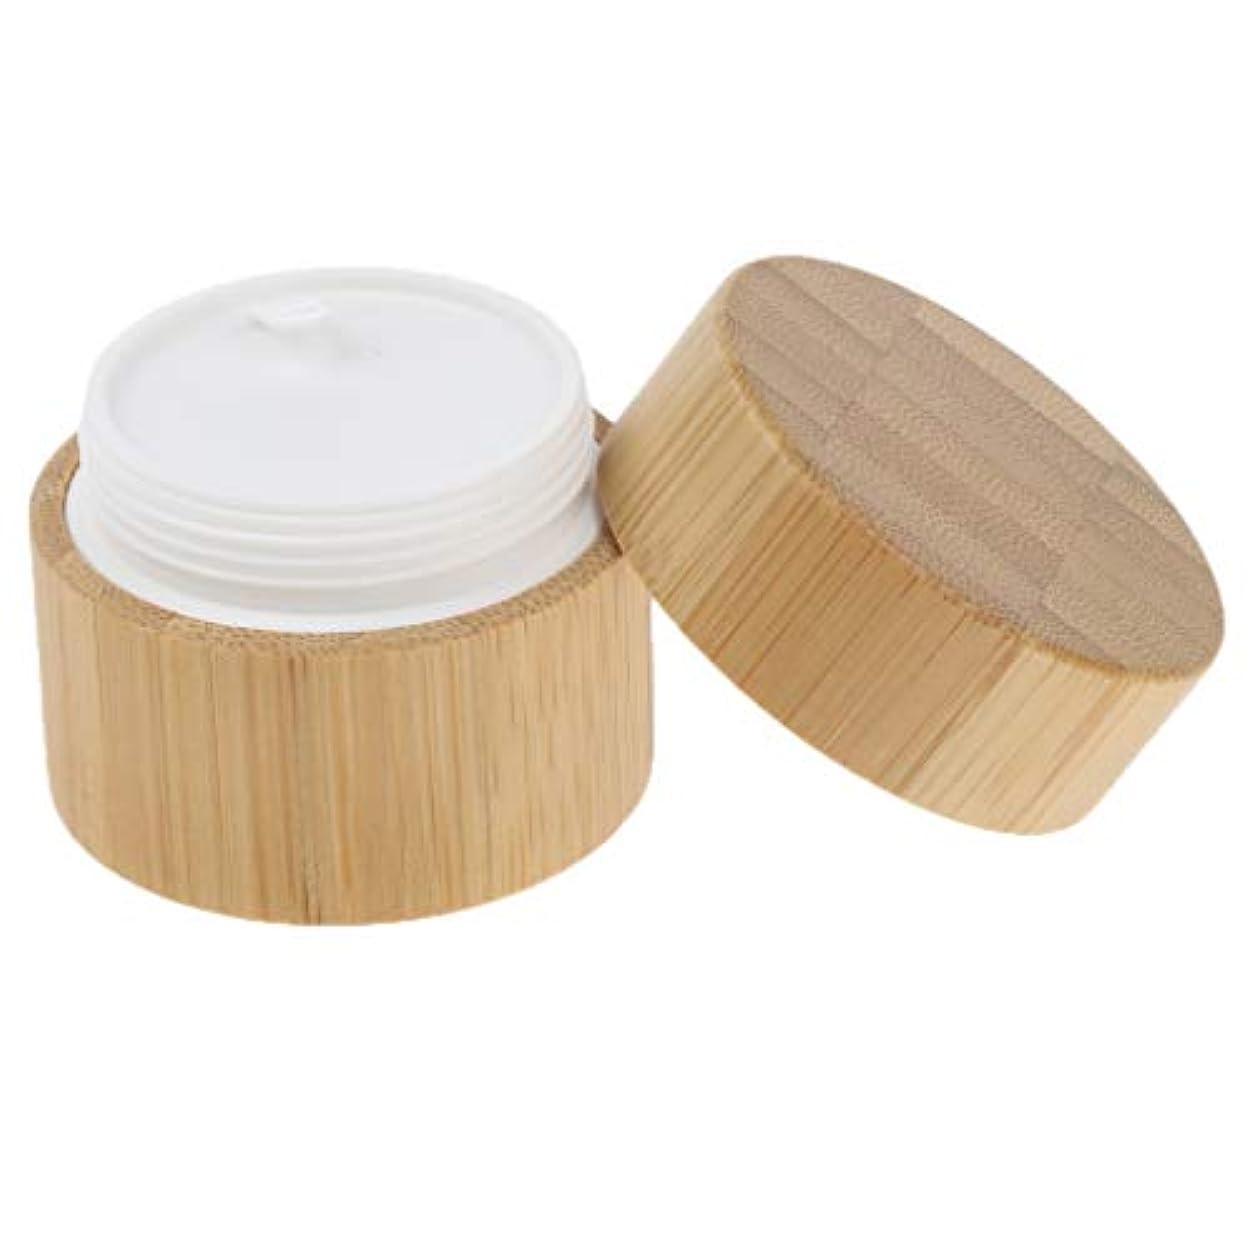 地震ぼかし変装したナチュラル 竹木 ラウンド クリームコンテナ リップバーム コスメ 化粧品容器 2サイズ選べ - 30g